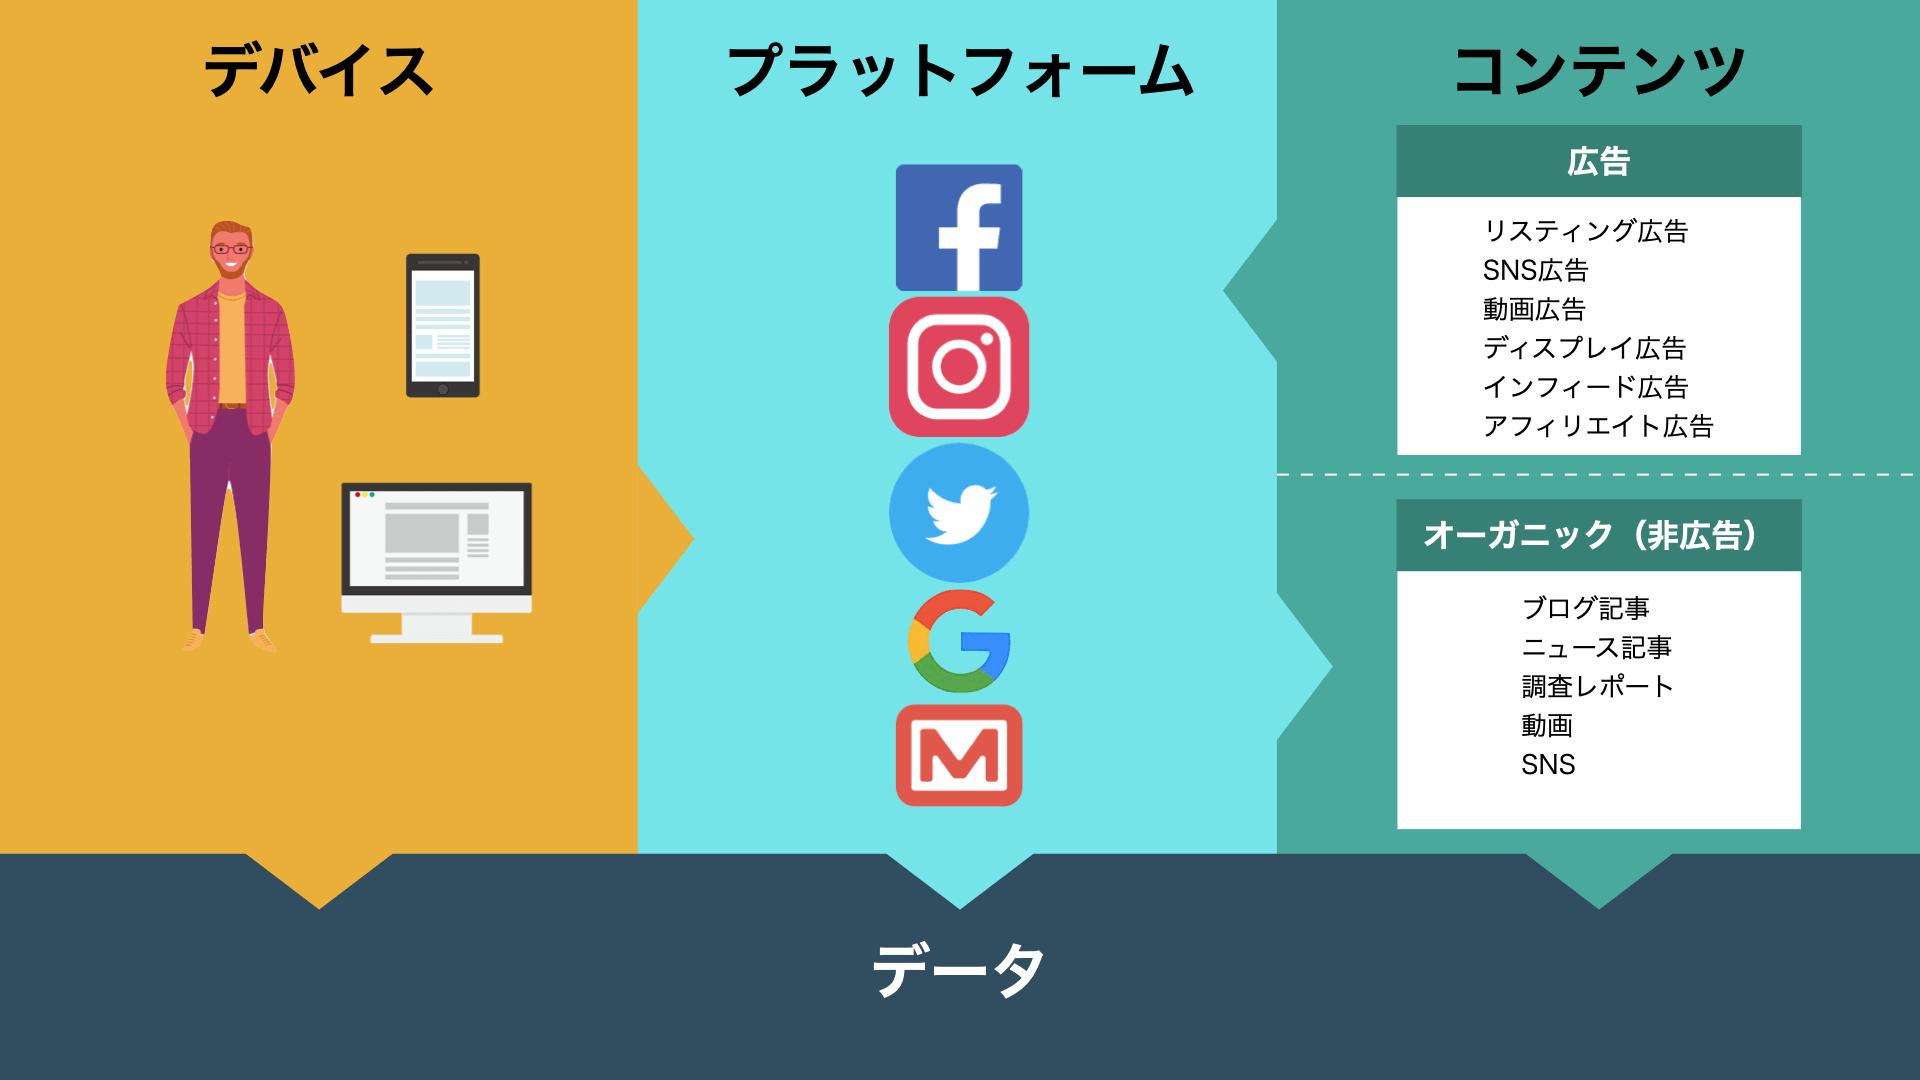 デジタルマーケティングの全体像_デバイス_プラットフォーム_コンテンツ_データで構成